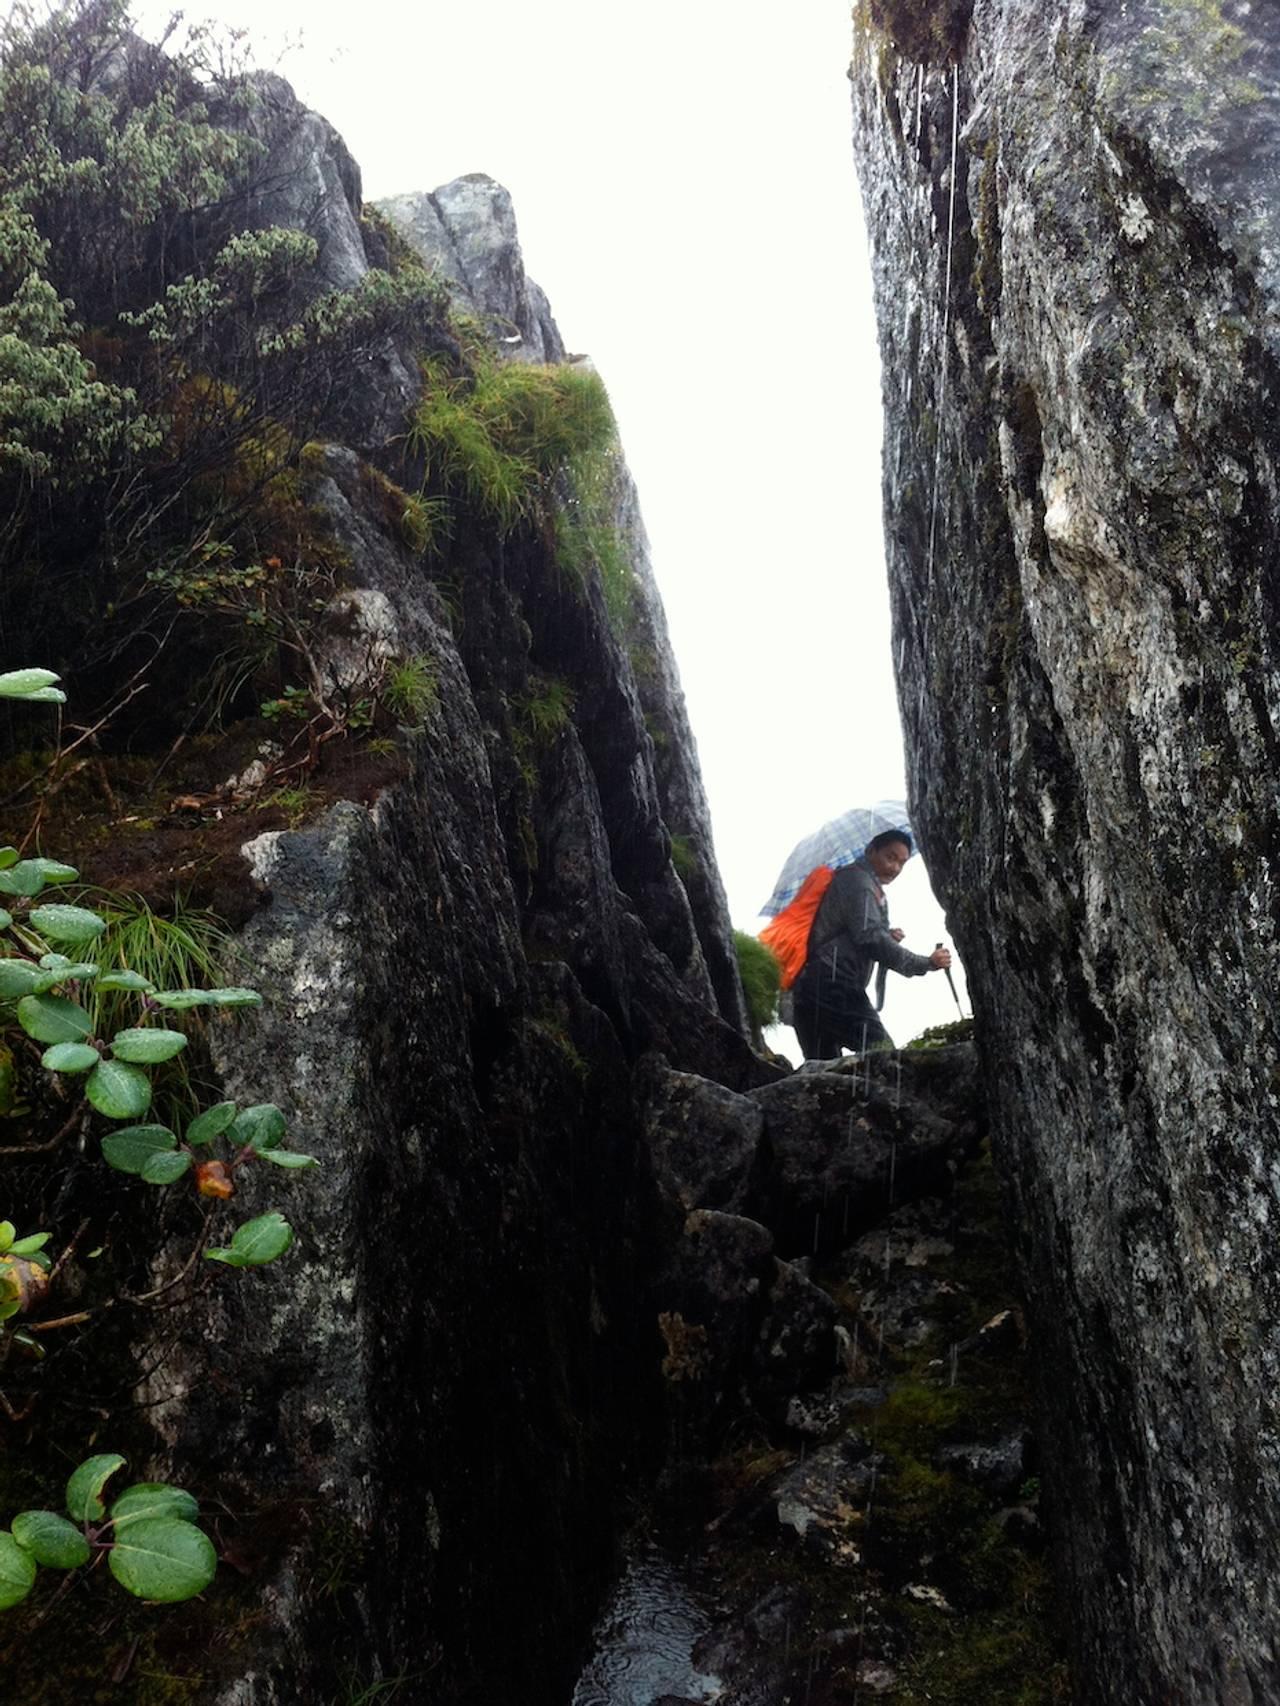 Smal sprekk i fjellpasset, som en døråpning hvor pilgrimsvandreren i Himalaya klatrer med paraply